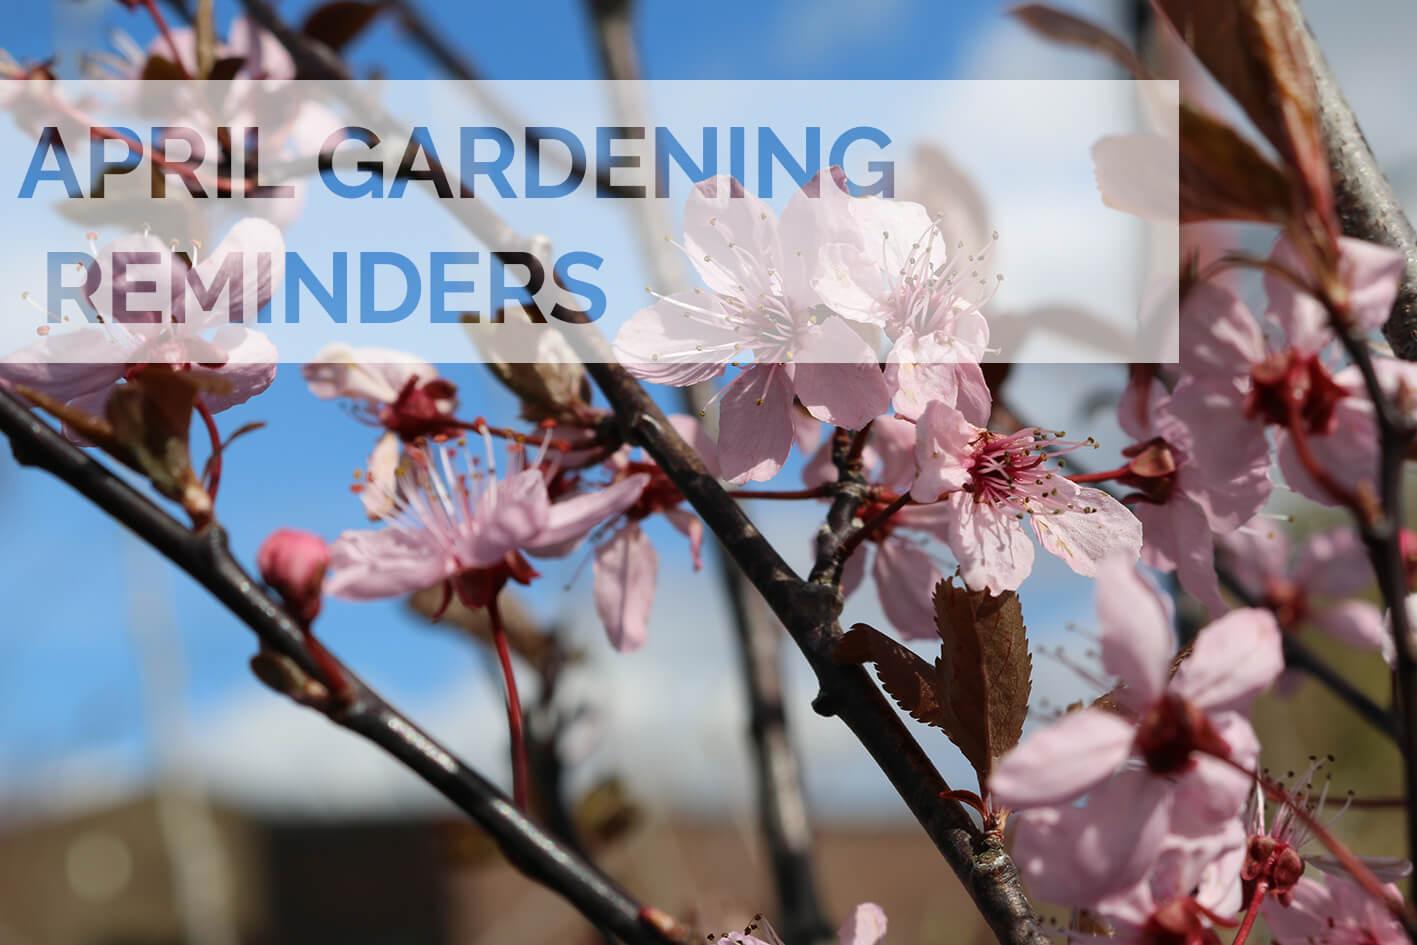 April 2020 Gardening Reminders